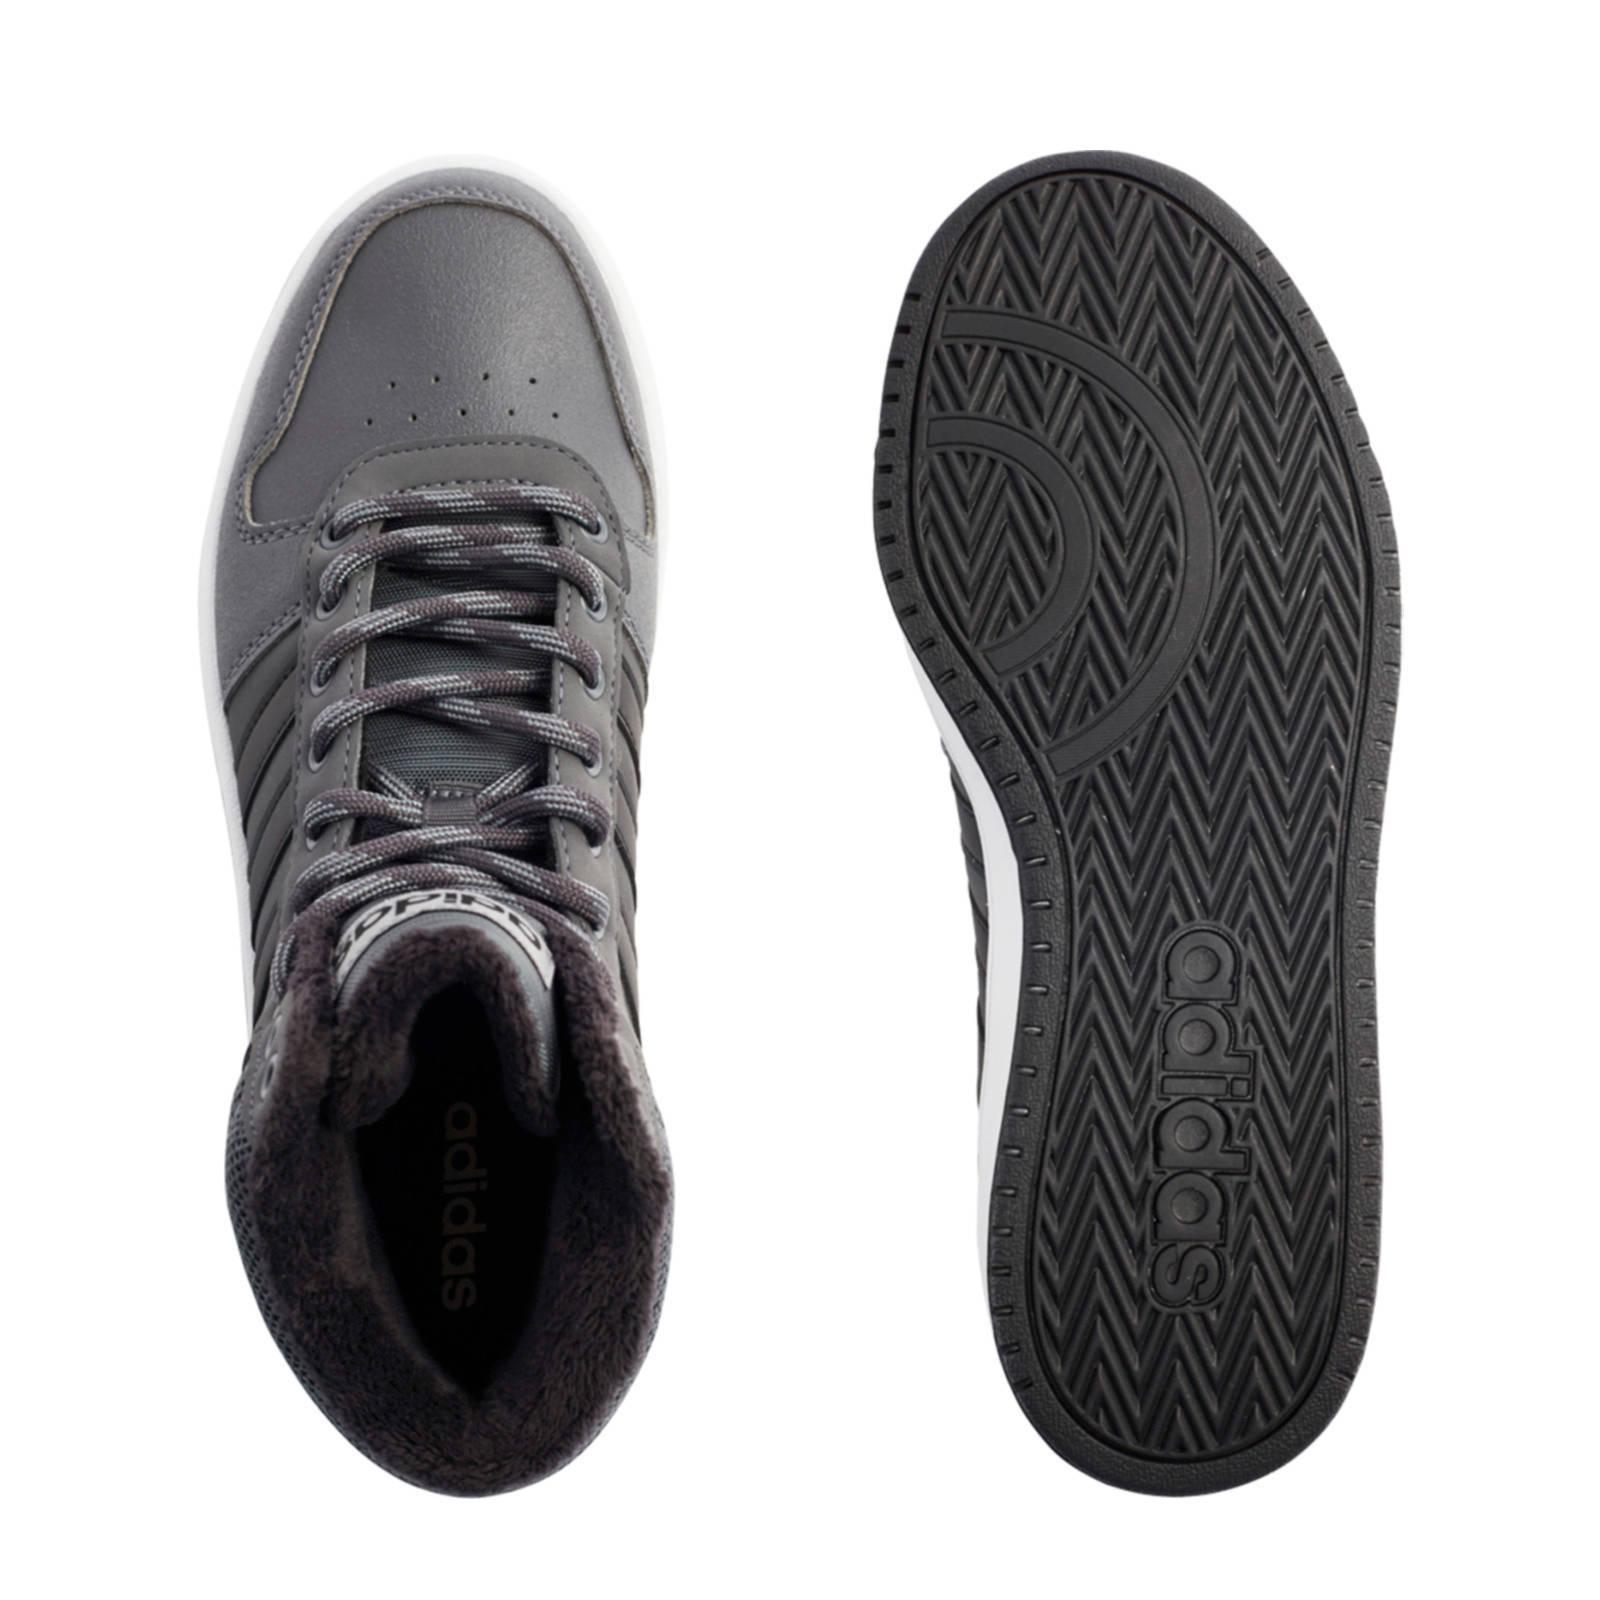 adidas Hoops Mid 2.0 hoge sneakers grijs   wehkamp